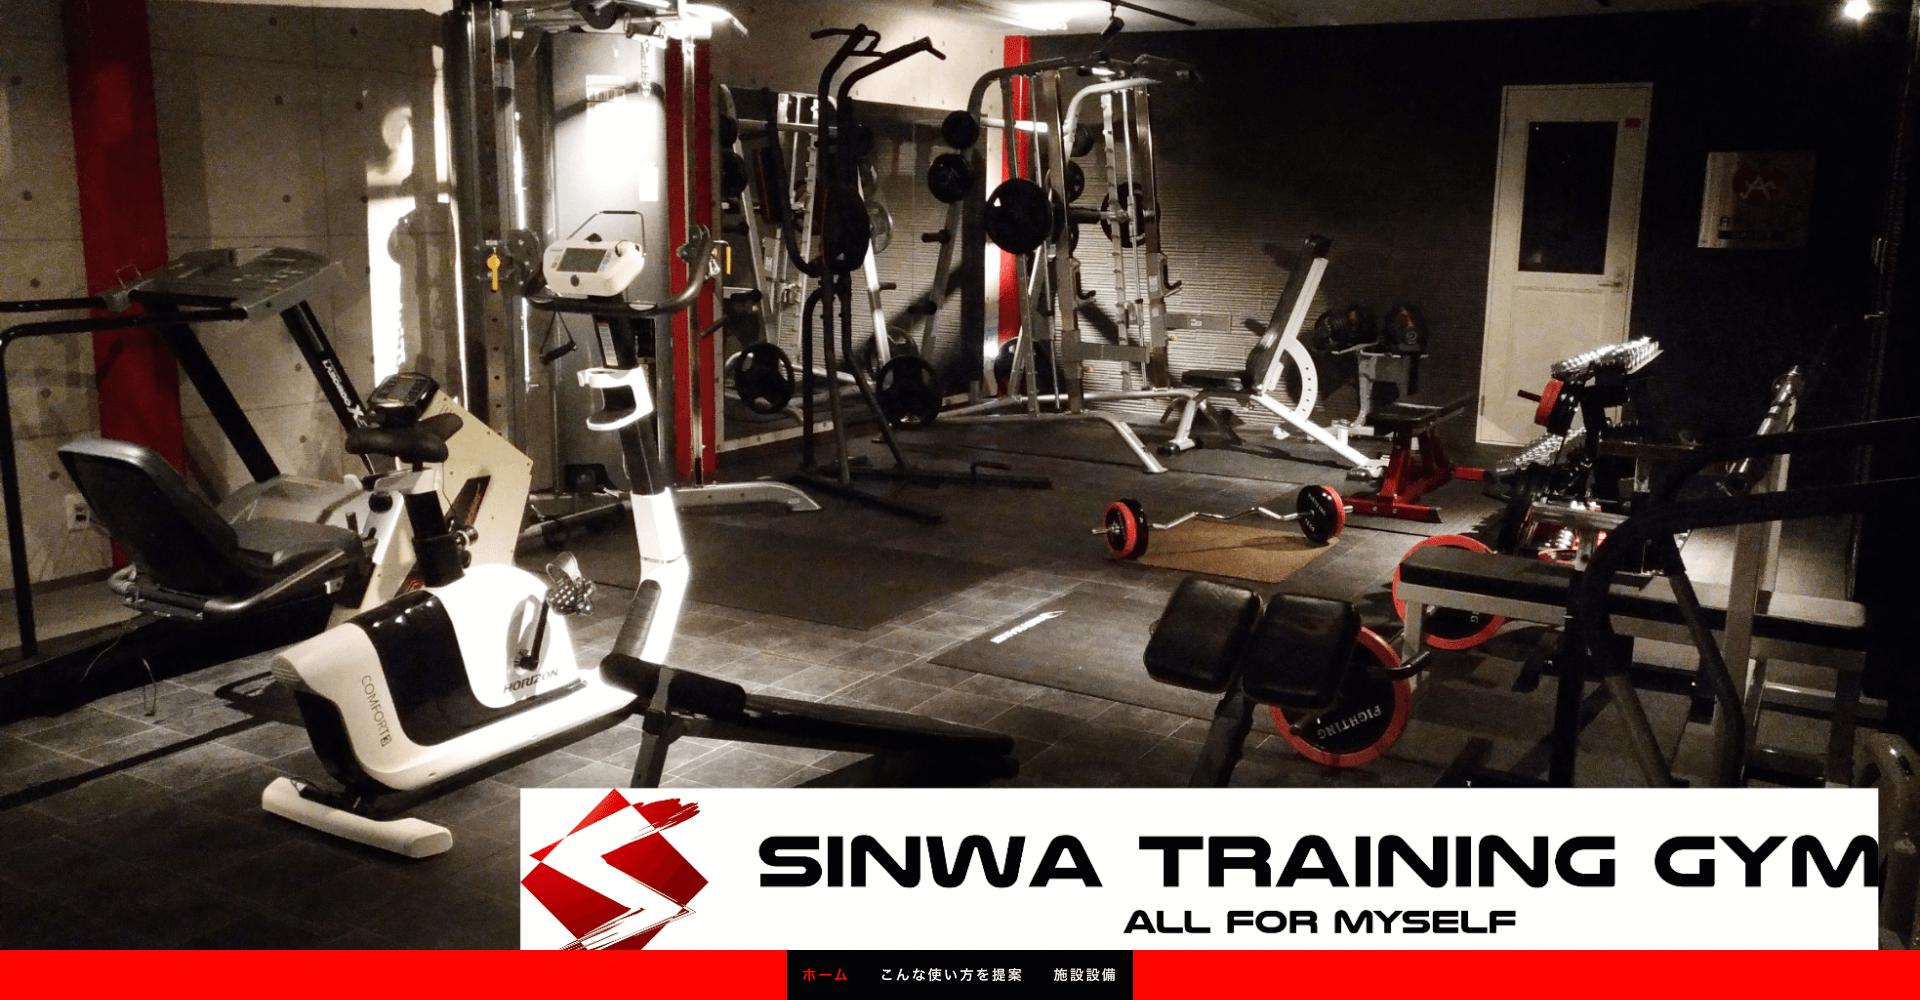 SINWA TRAINING GYM